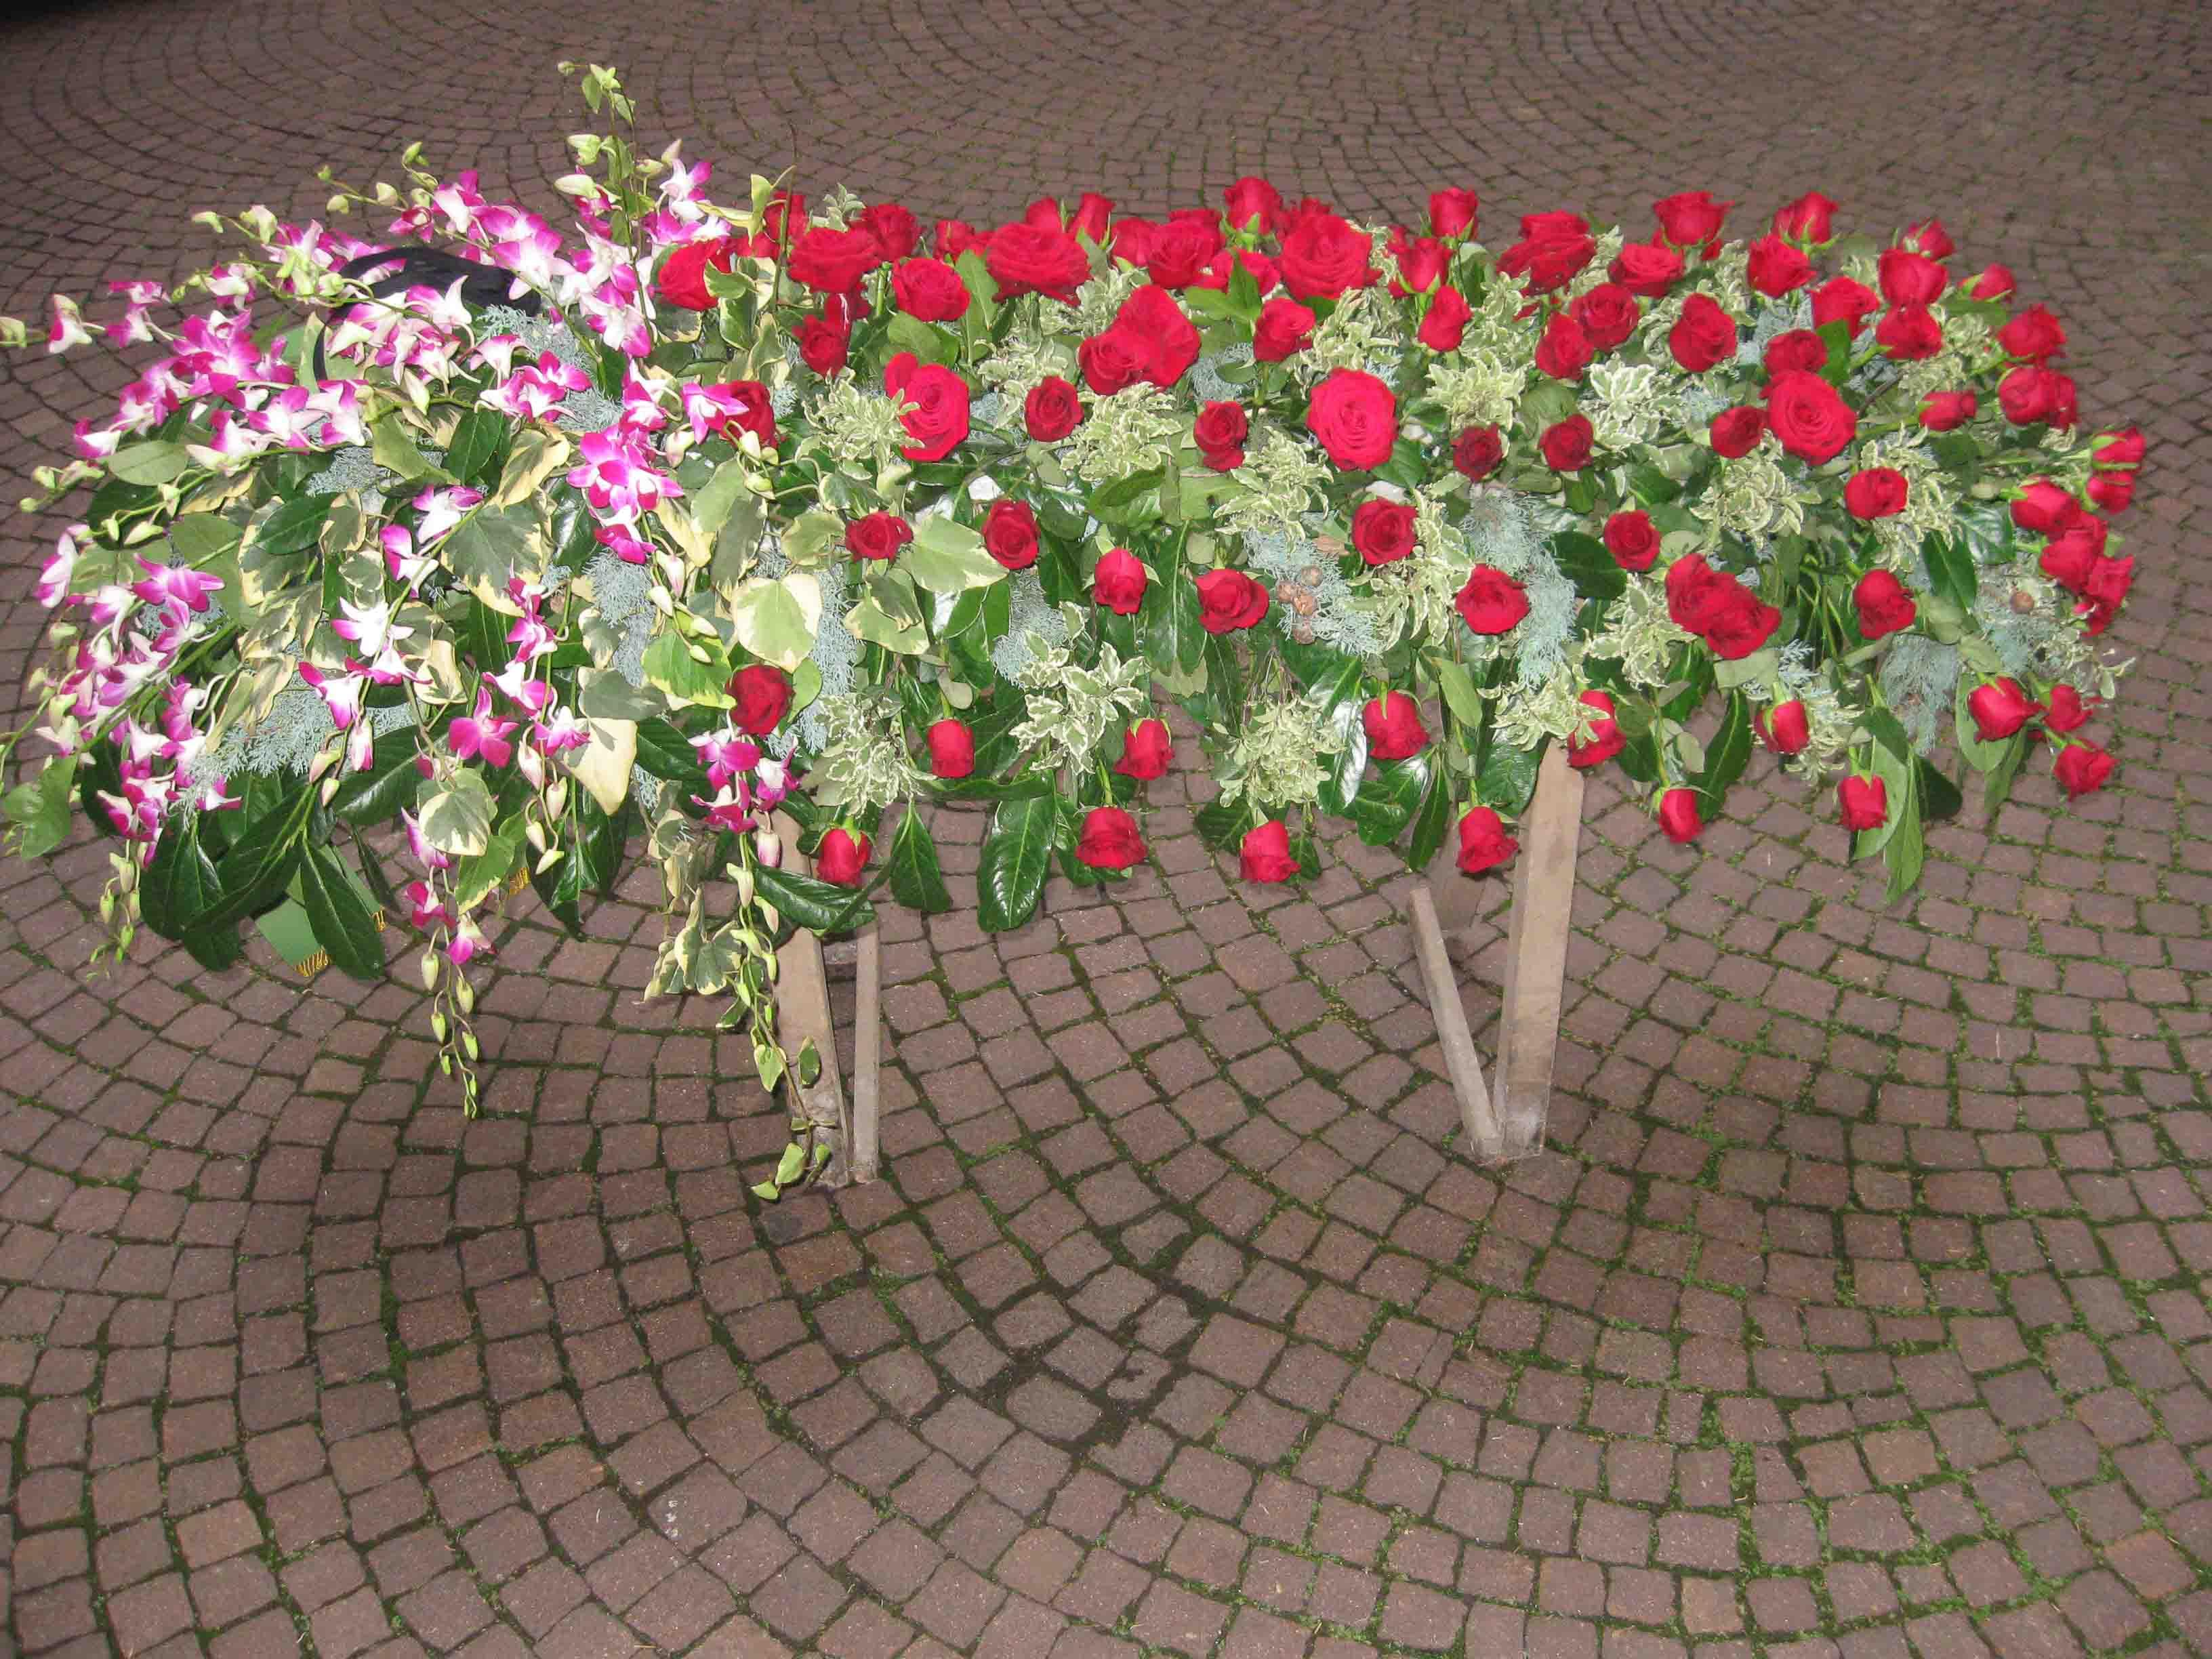 Fiori, corone, cuscini per funerali a Milano - consegne a domicilio in tutto il mondo